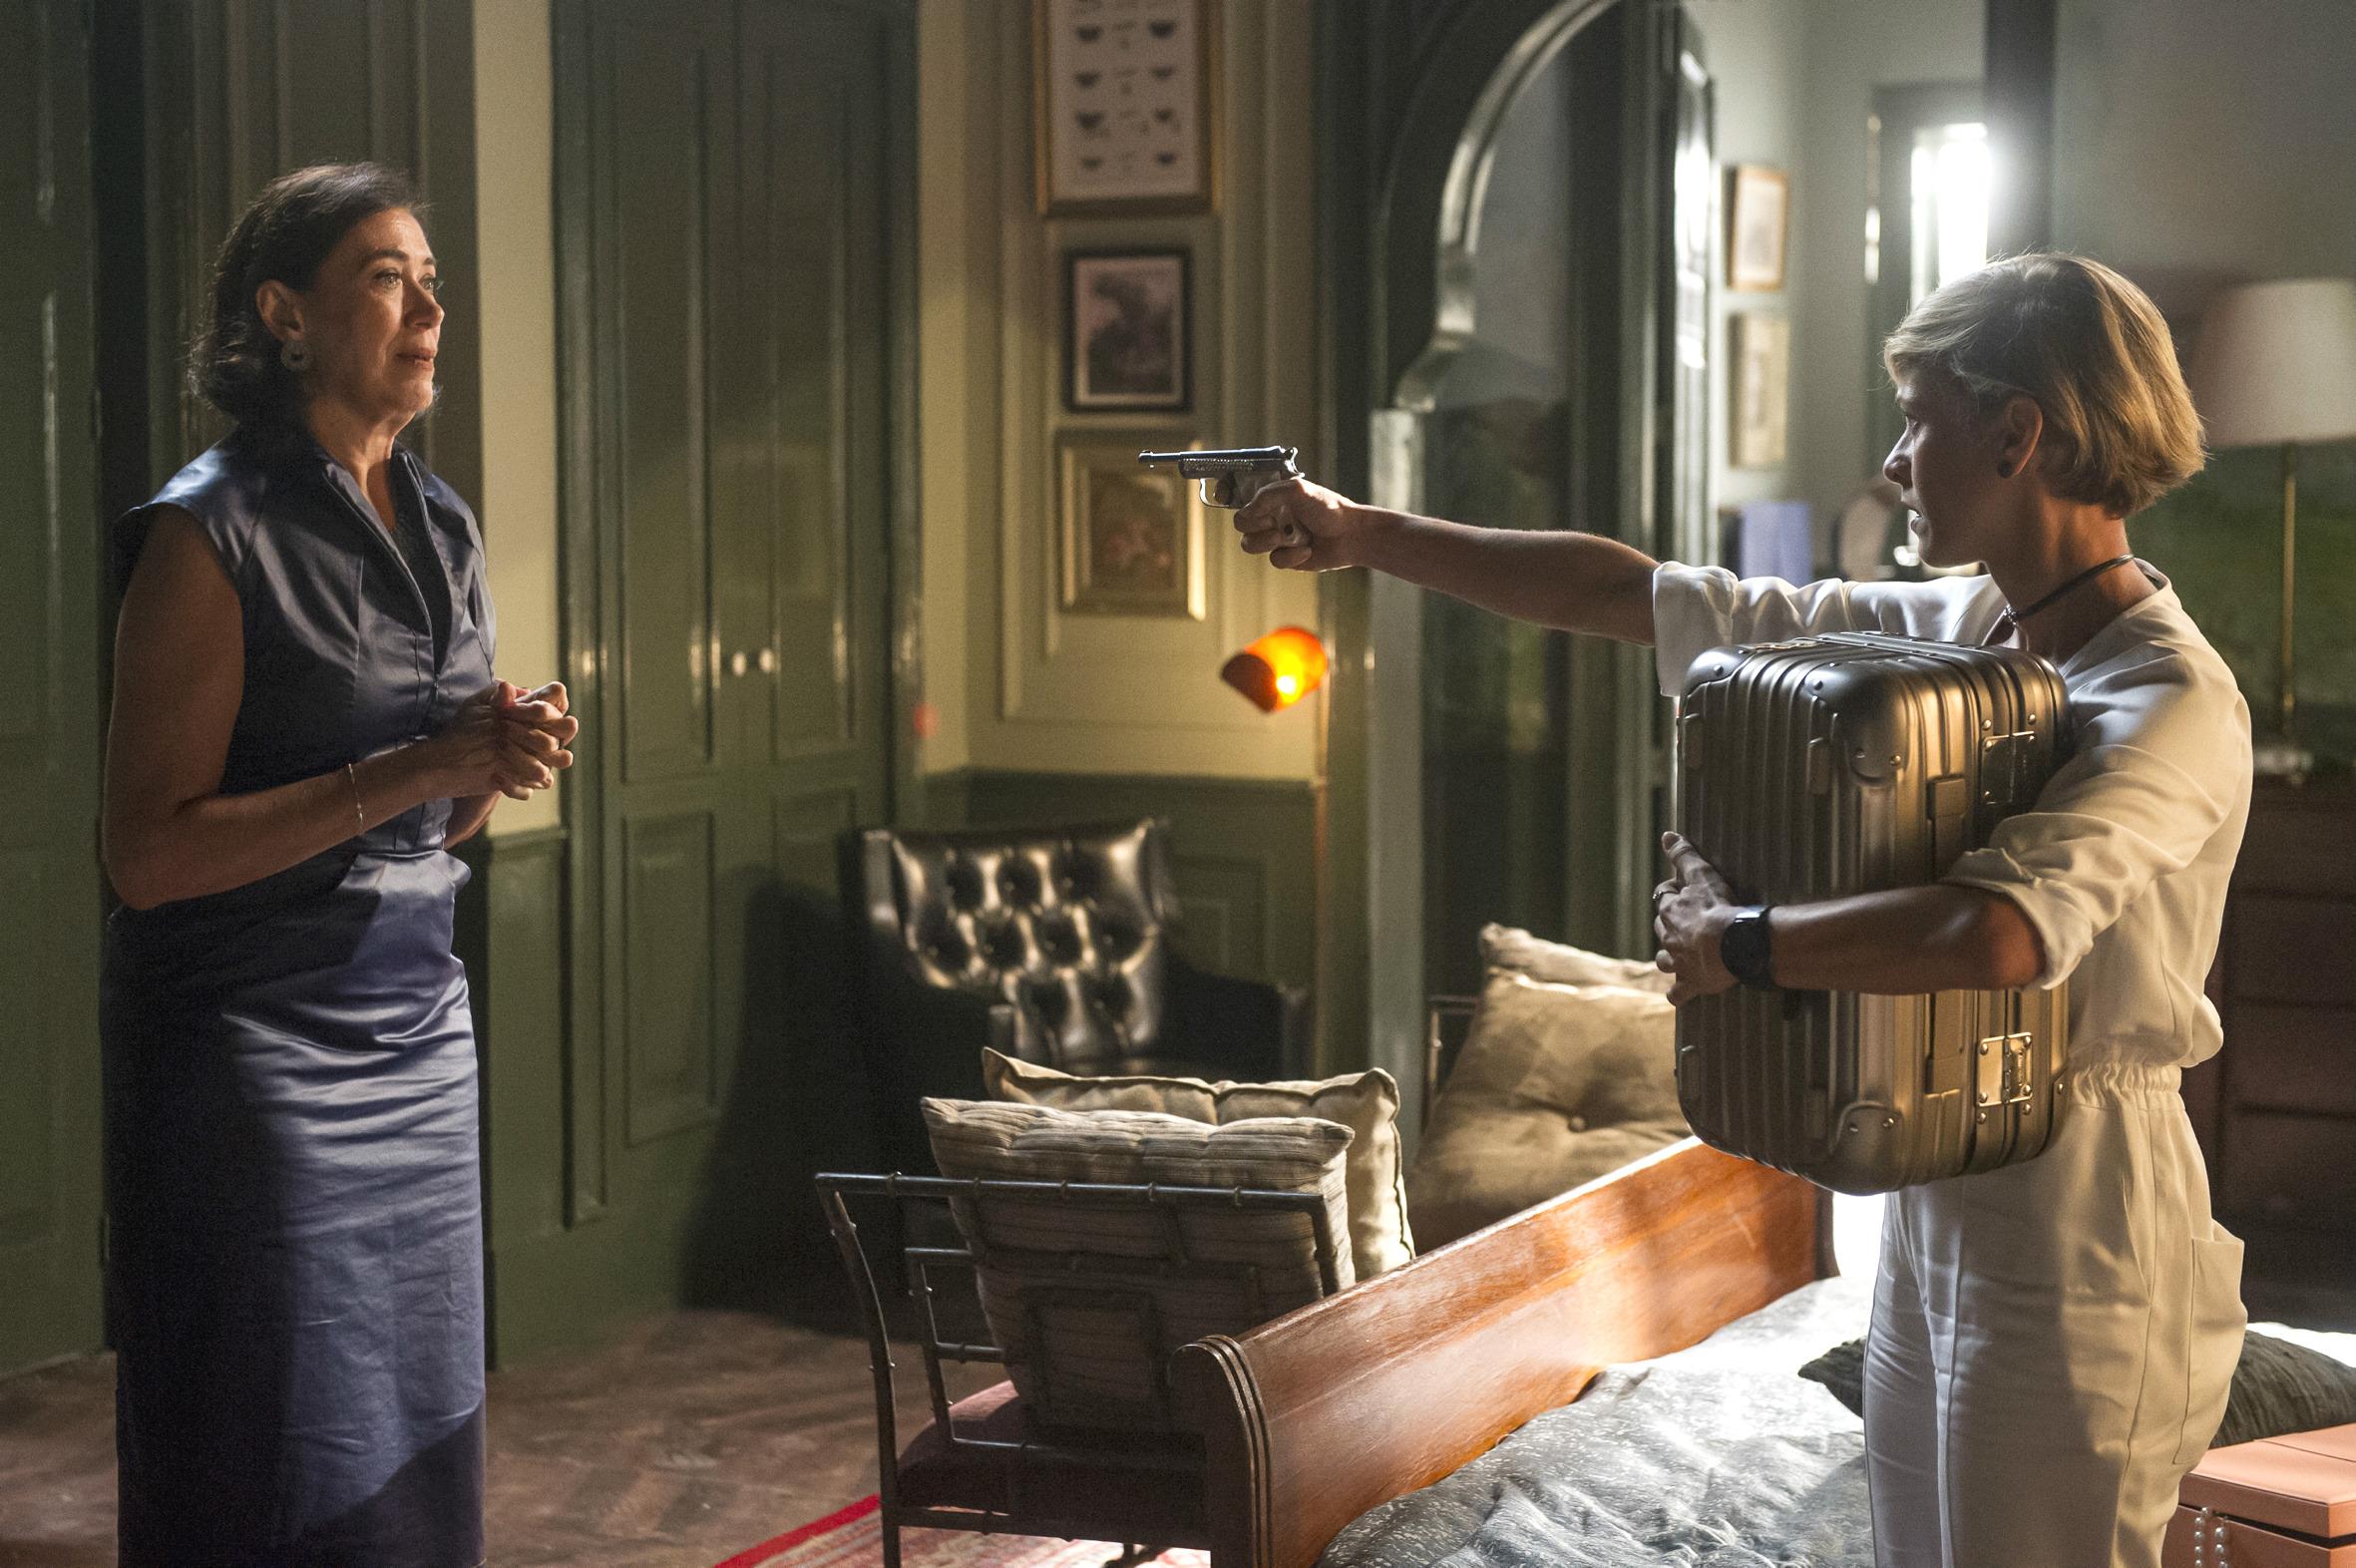 No capítulo desta terça, Louise (Fernanda de Freitas) ameaça Valentina (Lília Cabral) e tenta fugir com a caixa de joias da patroa). (Crédito João Cotta/Globo)